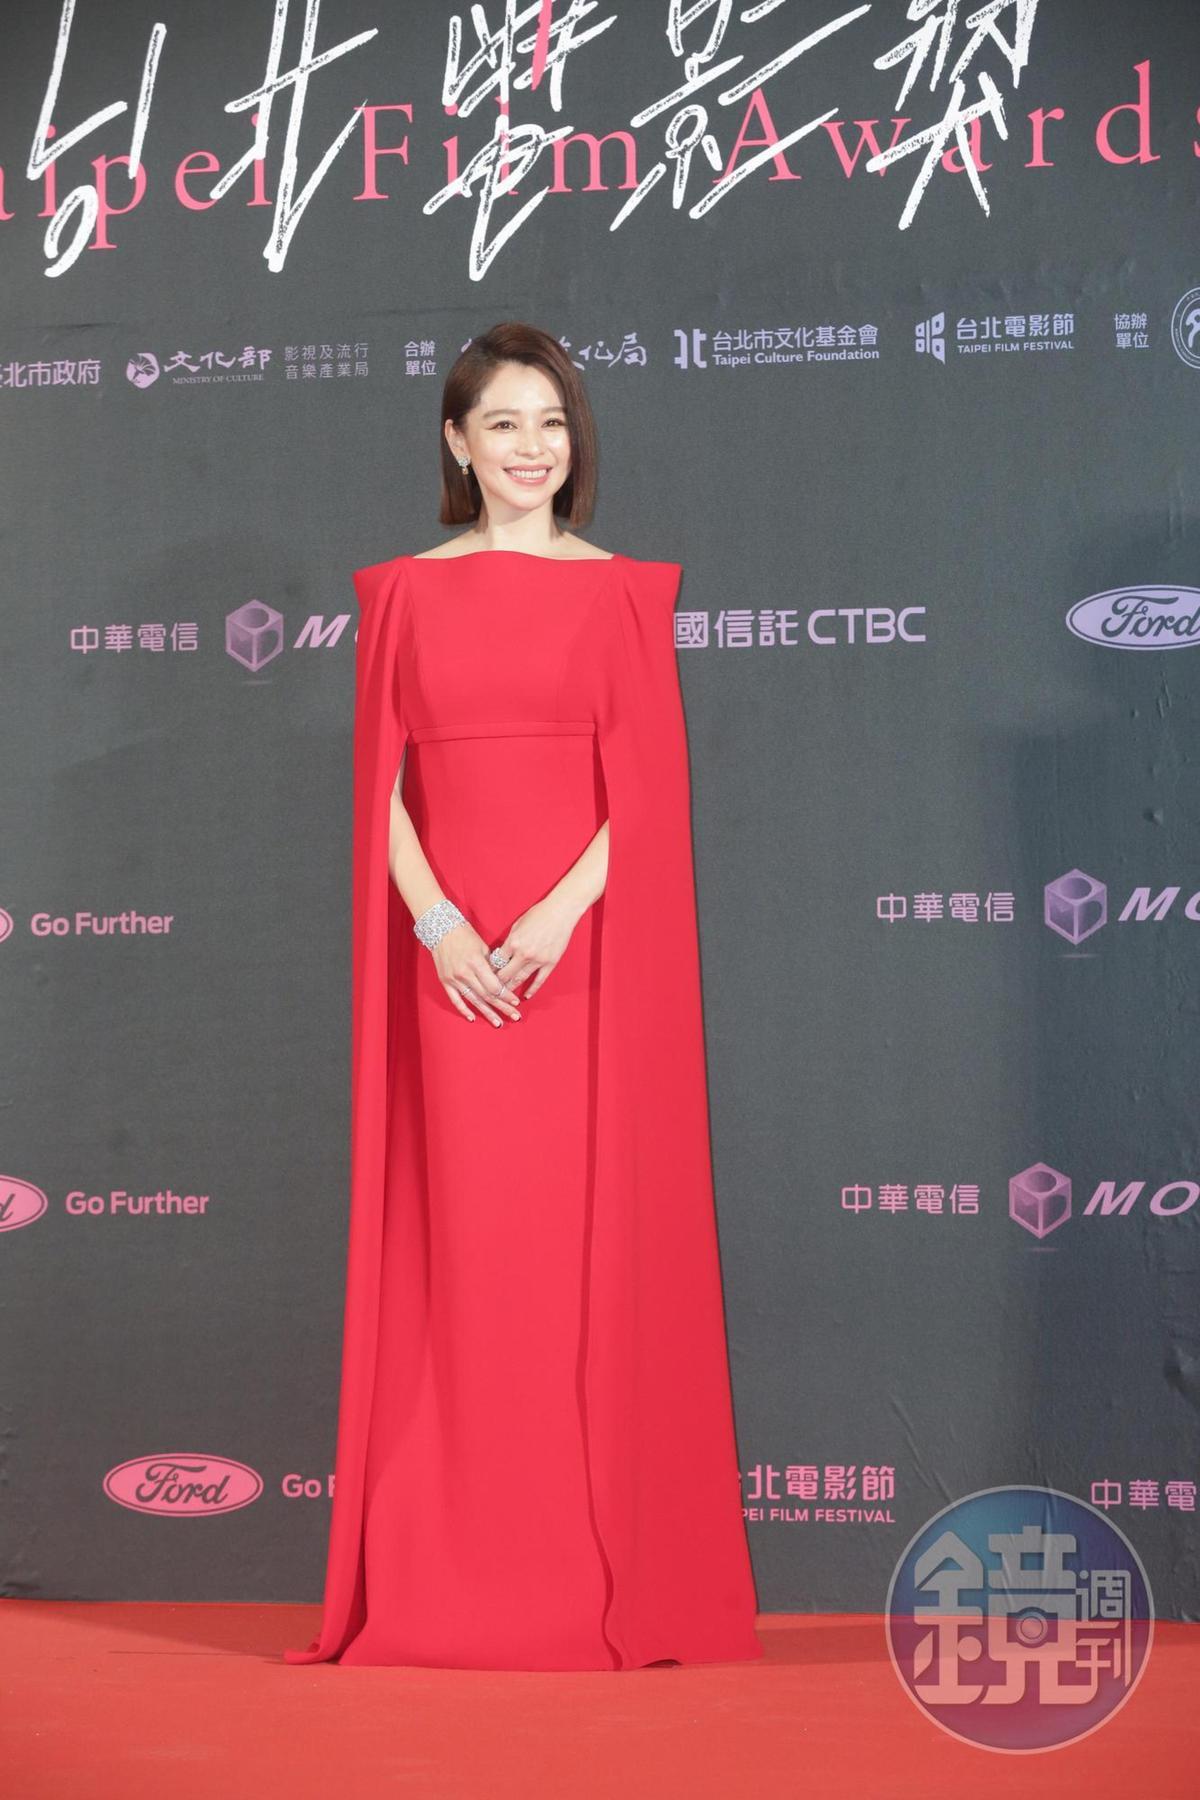 徐若瑄自稱這身是紅衣黛妃look,但兒子不懂,以為她是超人。